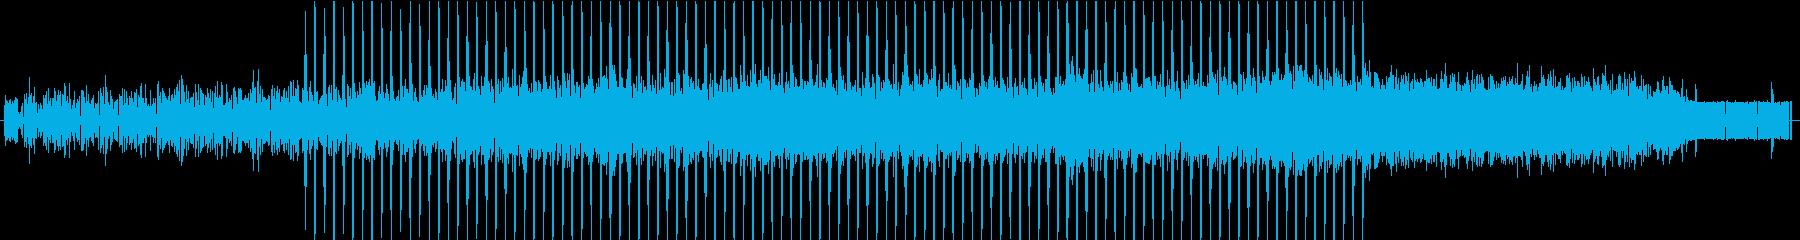 ちょっと切ない科学的なイメージの曲 SFの再生済みの波形